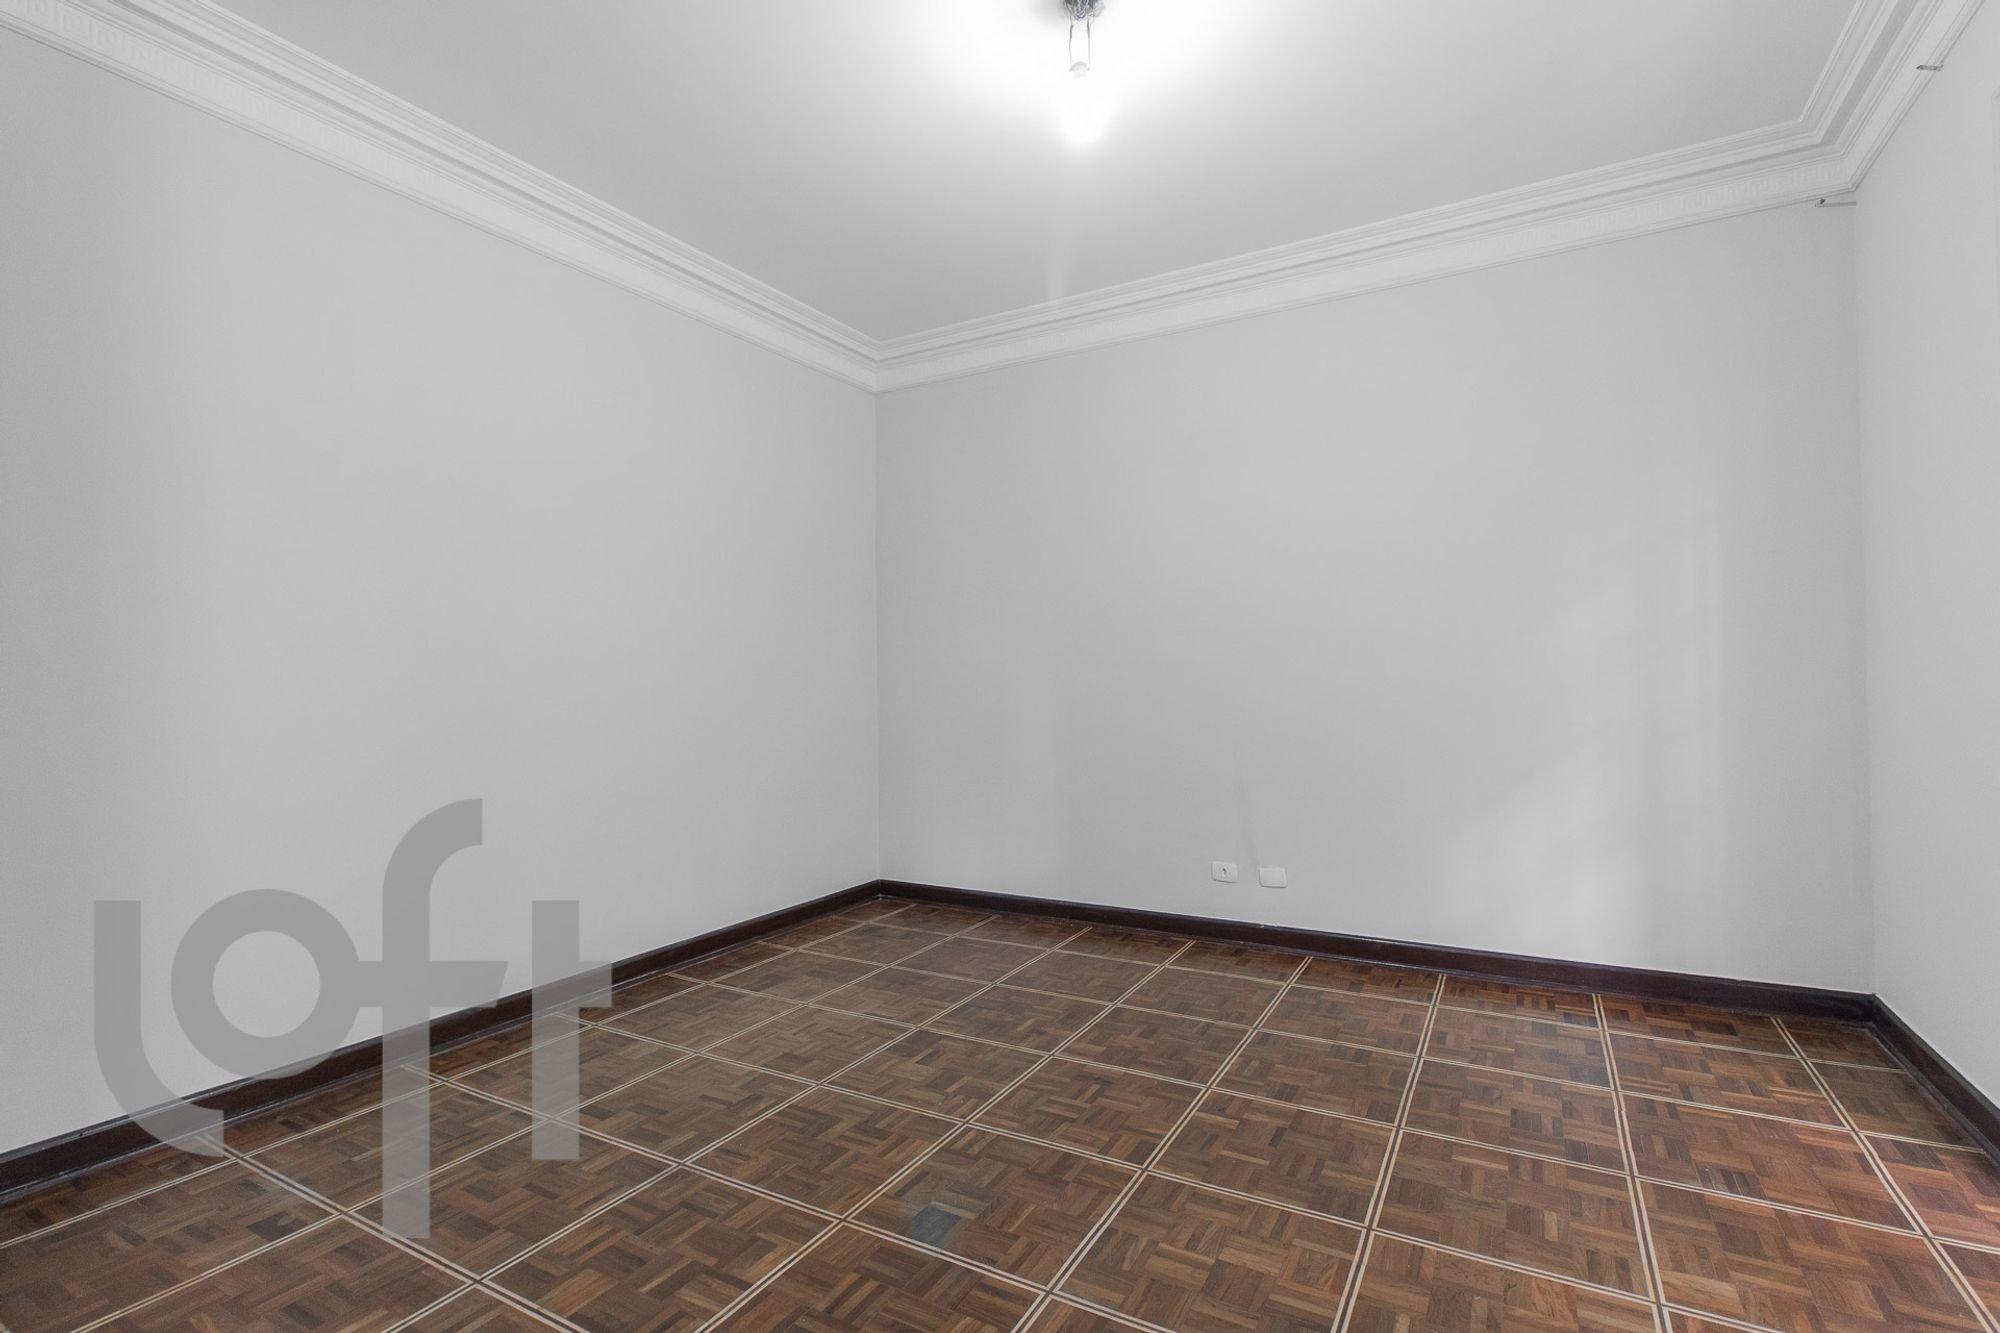 https://content.loft.com.br/homes/1dbk017/desktop_living16.jpg